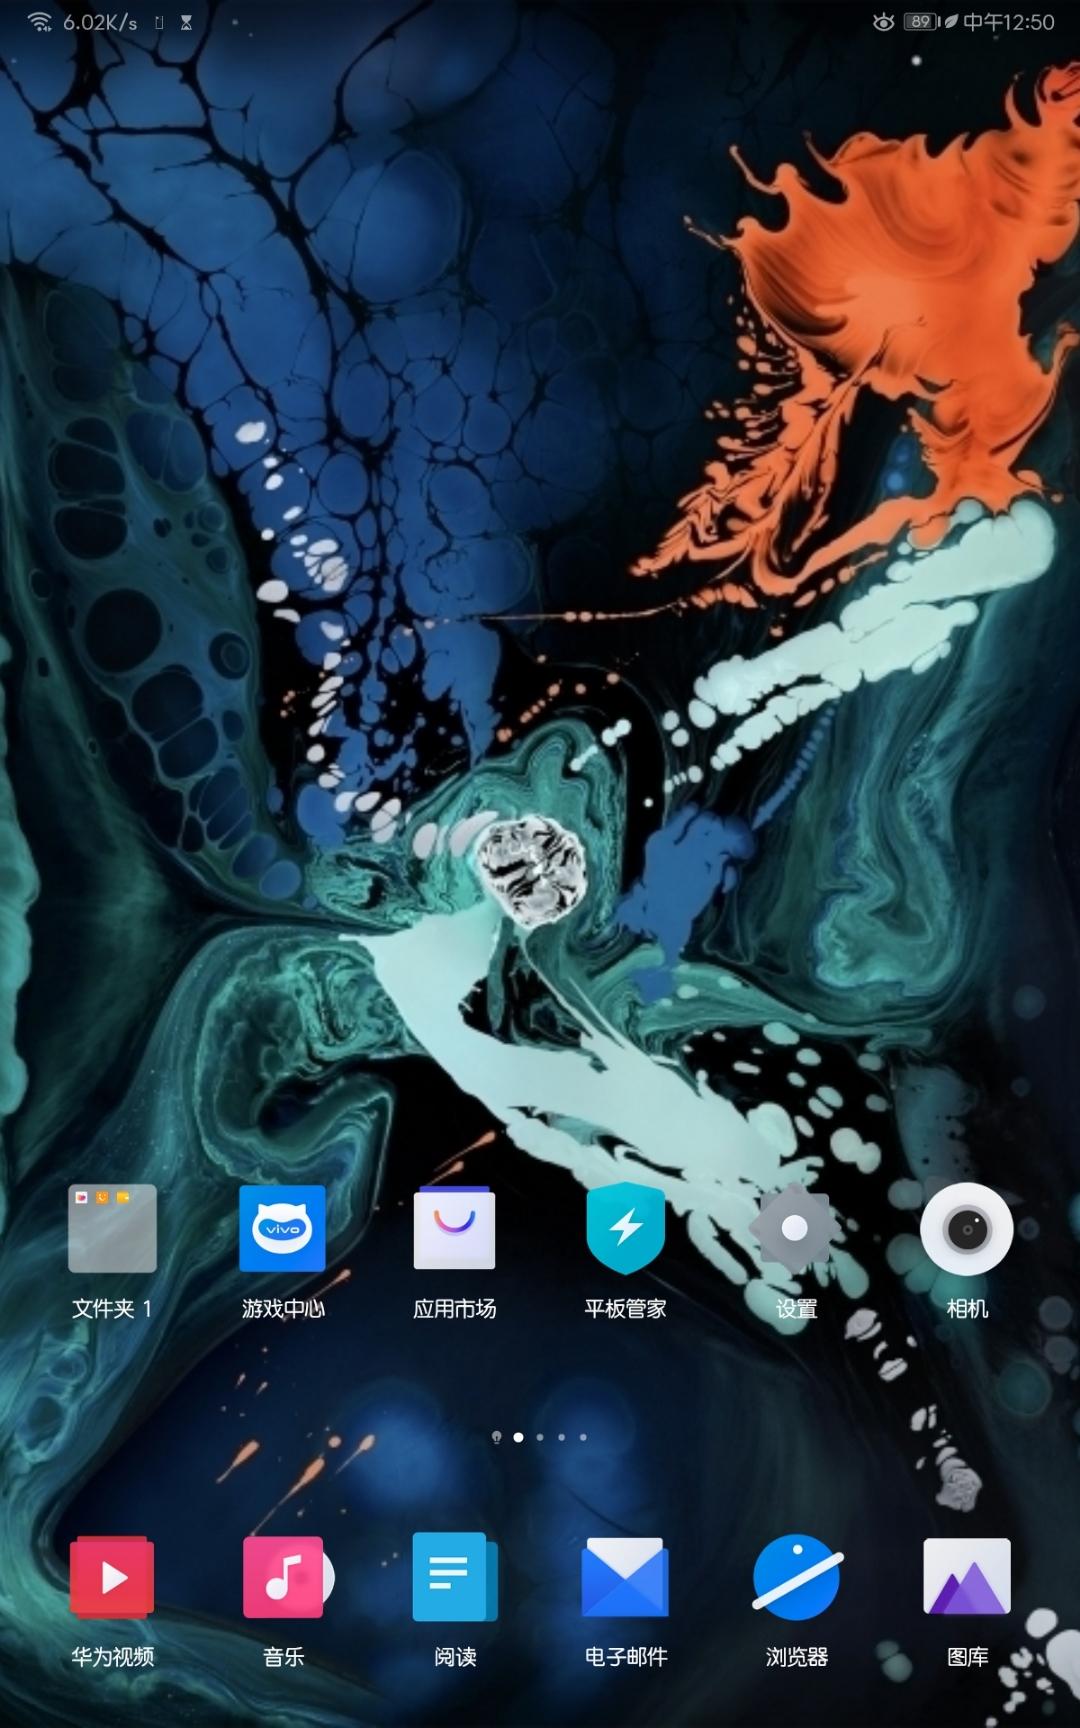 Screenshot_20200523_125022_com.huawei.android.launcher.jpg